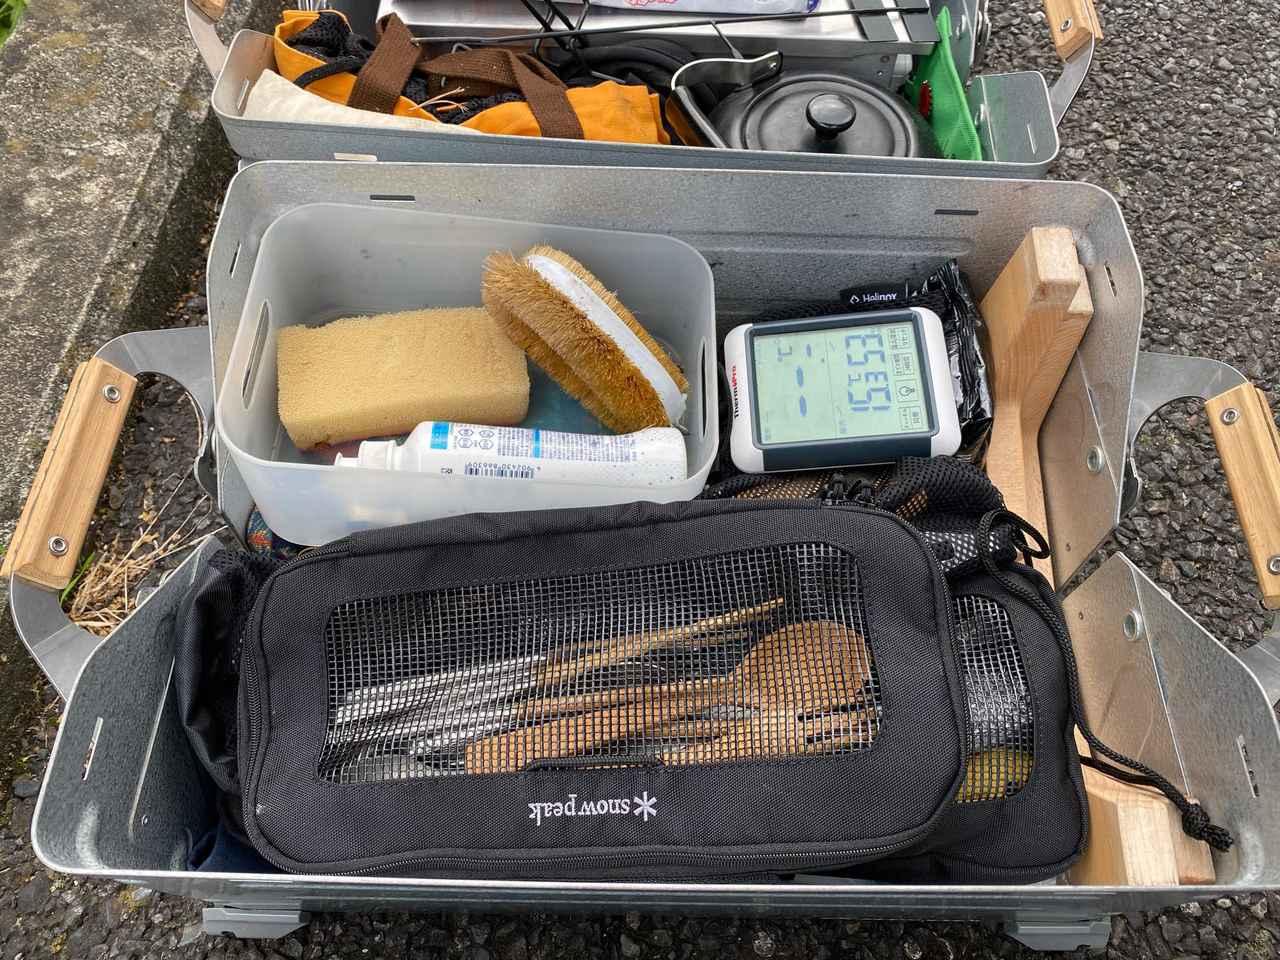 画像: 筆者撮影 カトラリー、キッチンツール、テーブルクロスなどテーブルウェア系でまとめたボックス